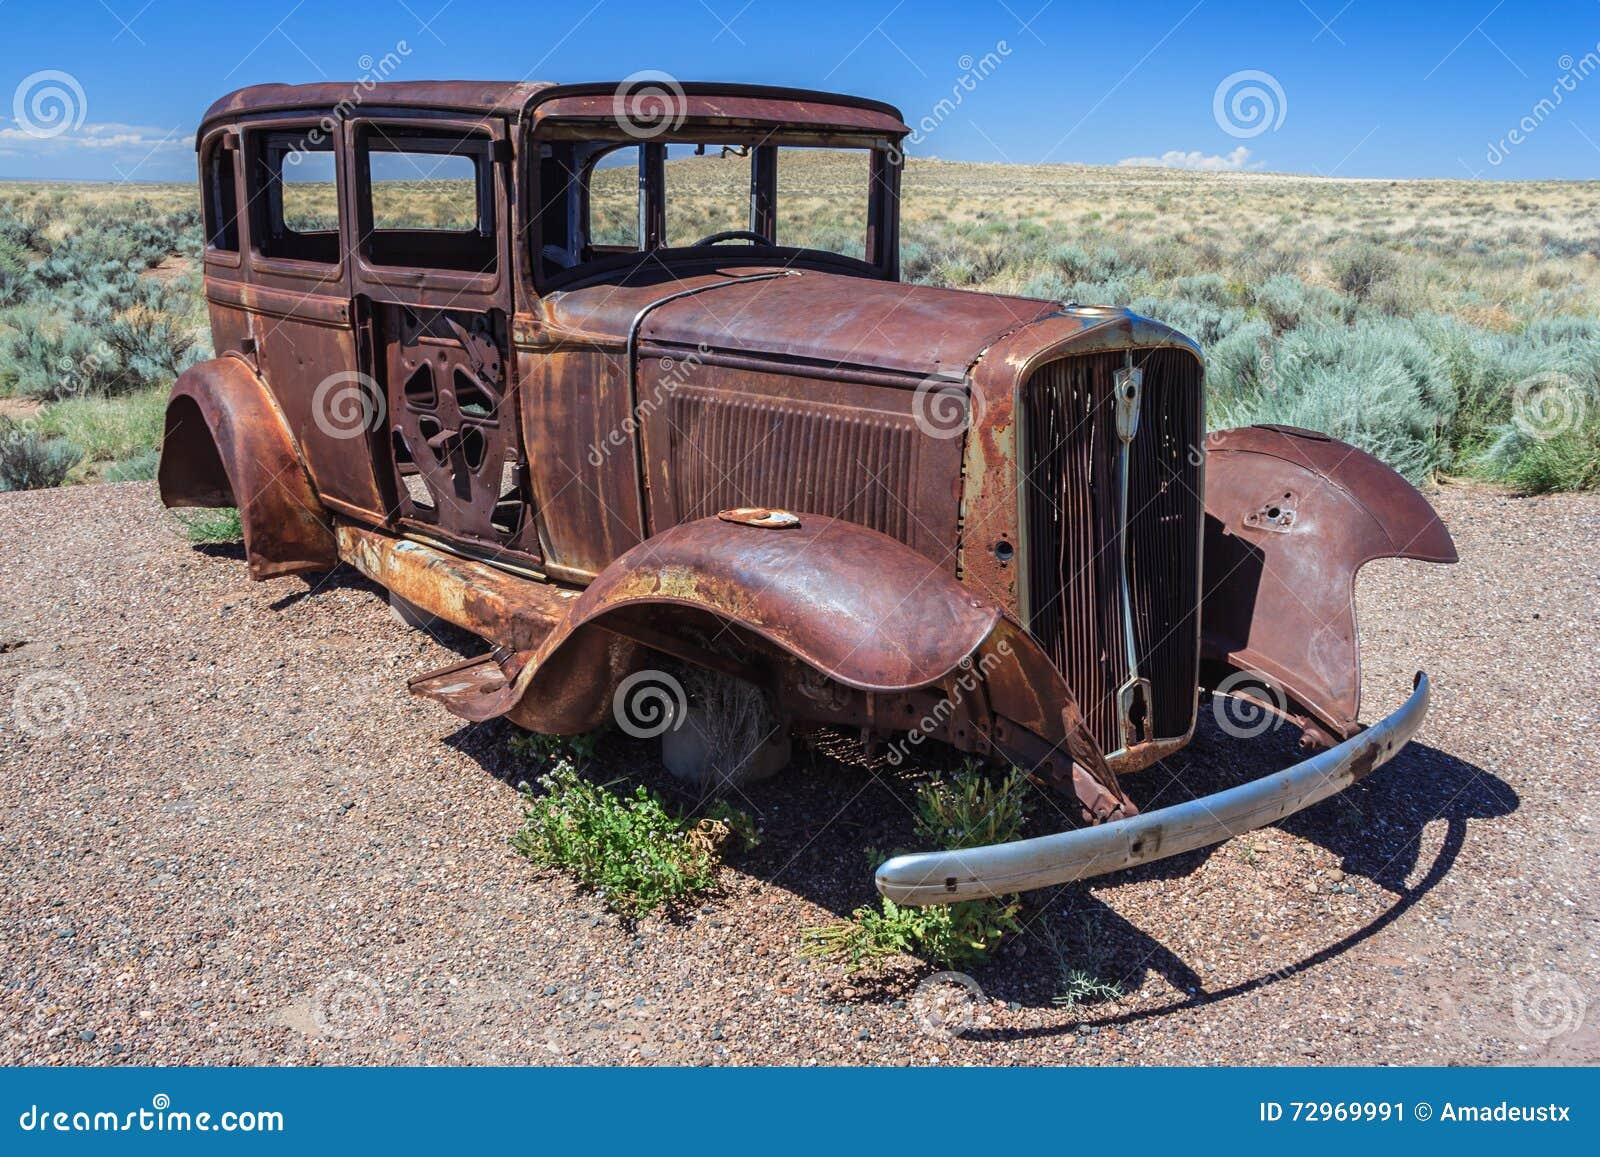 carcasse rouill e de vieille voiture abandonn e chez route 66 historique en arizona etats unis. Black Bedroom Furniture Sets. Home Design Ideas